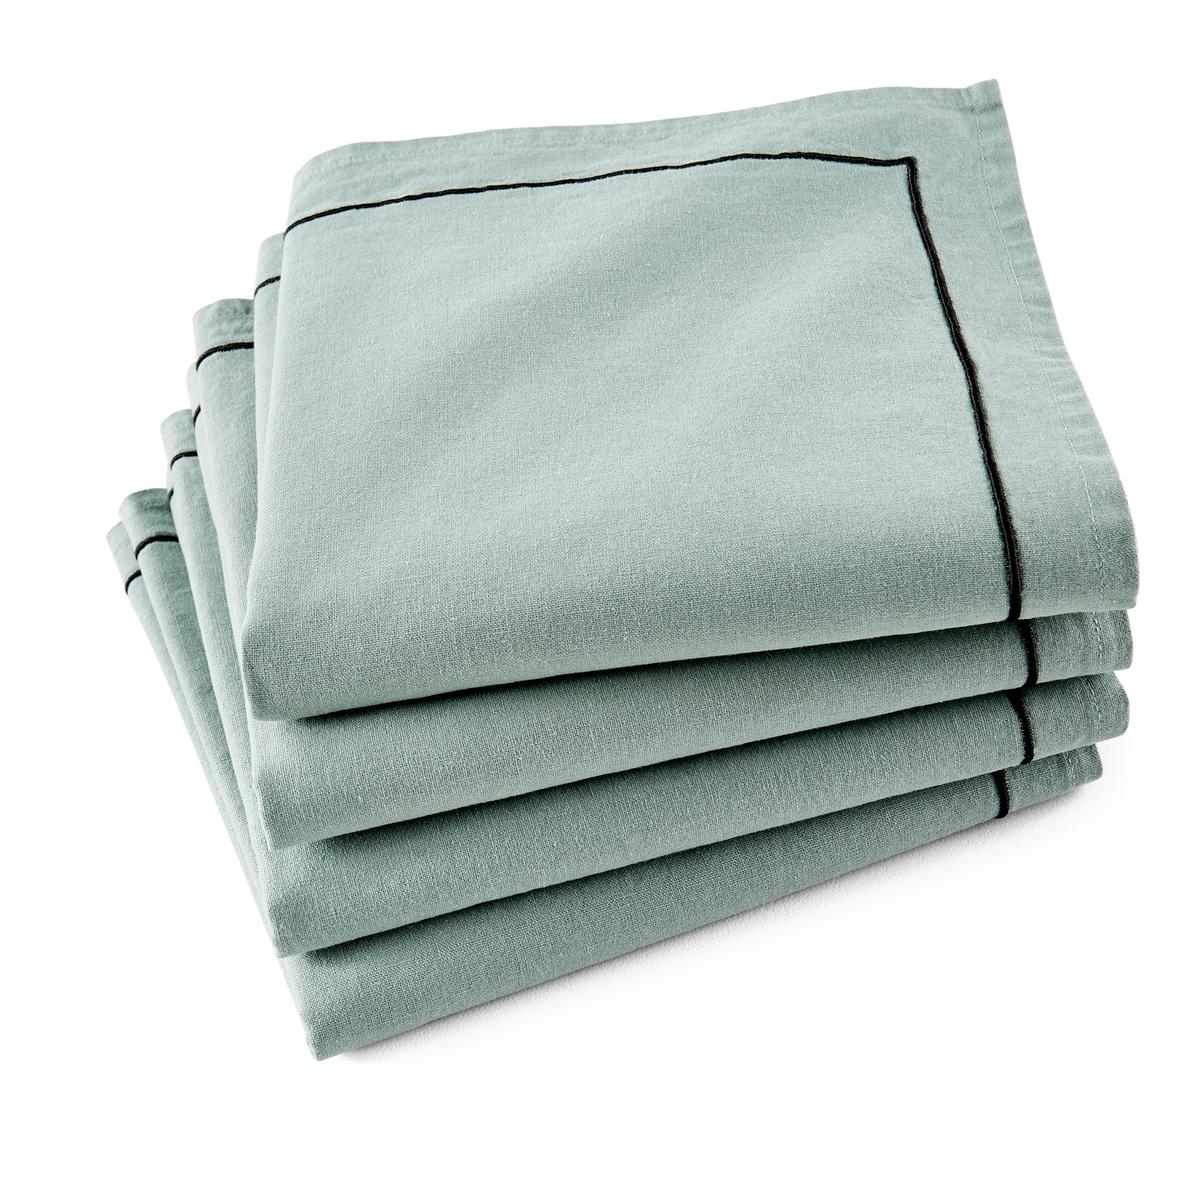 Набор La Redoute Из салфеток Mtis Bourdon 45 x 45 см зеленый комплект из салфеток из la redoute льна и хлопка border 45 x 45 см бежевый